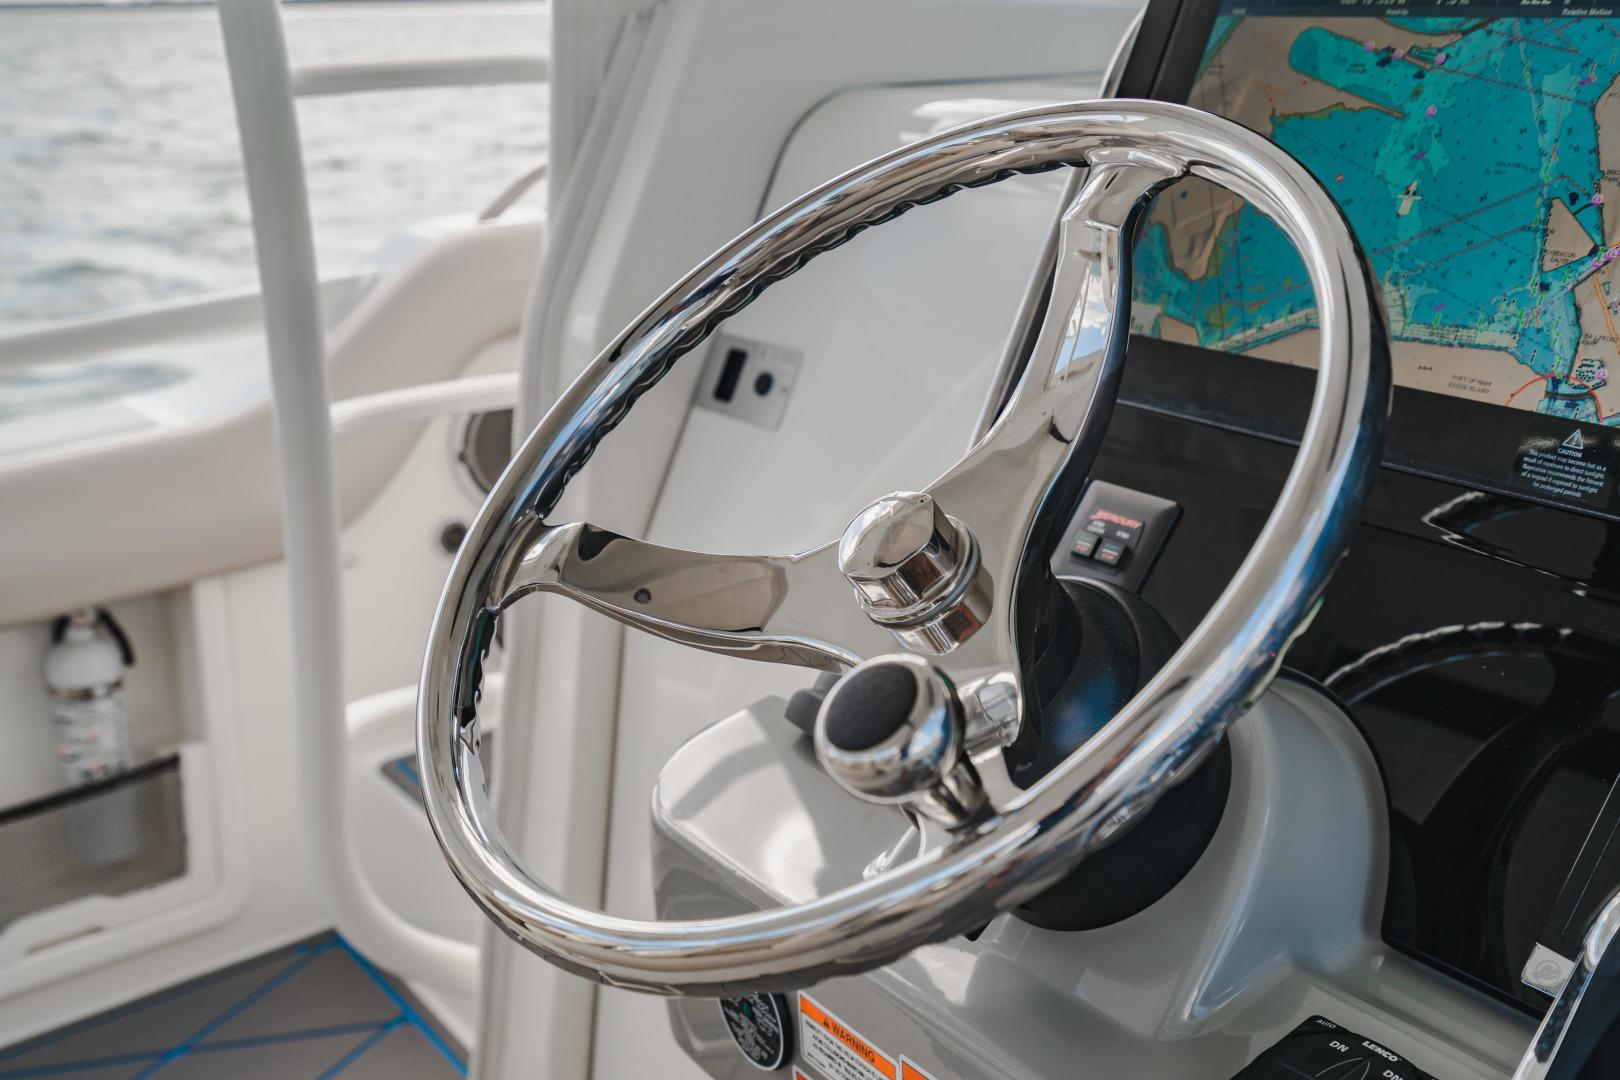 Boston Whaler-Outrage 2016-Sea Duction Miami Beach -Florida-United States-1557396 | Thumbnail